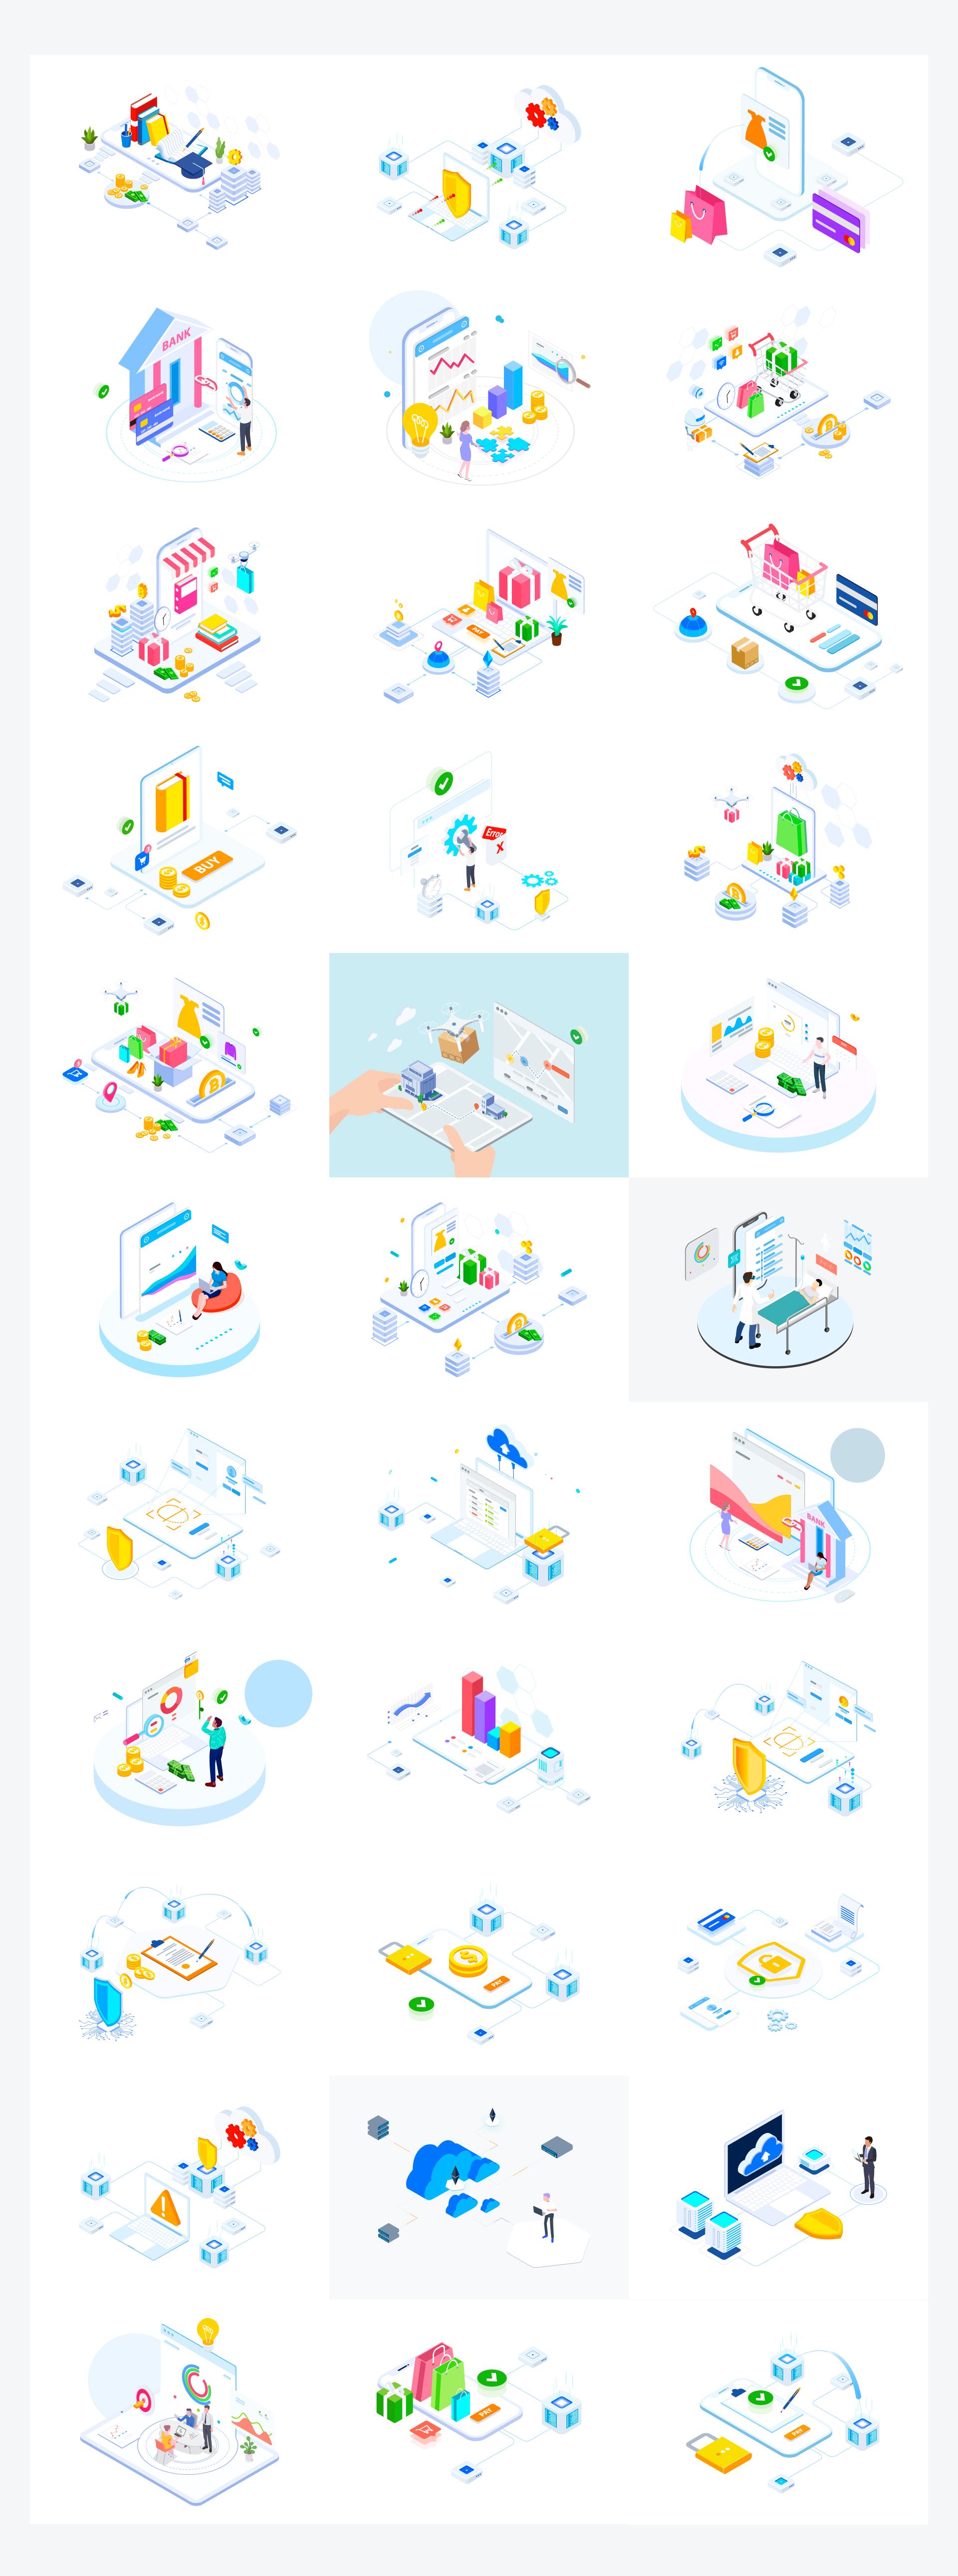 2.5D插画互联网科技商用场景矢量AI源文件